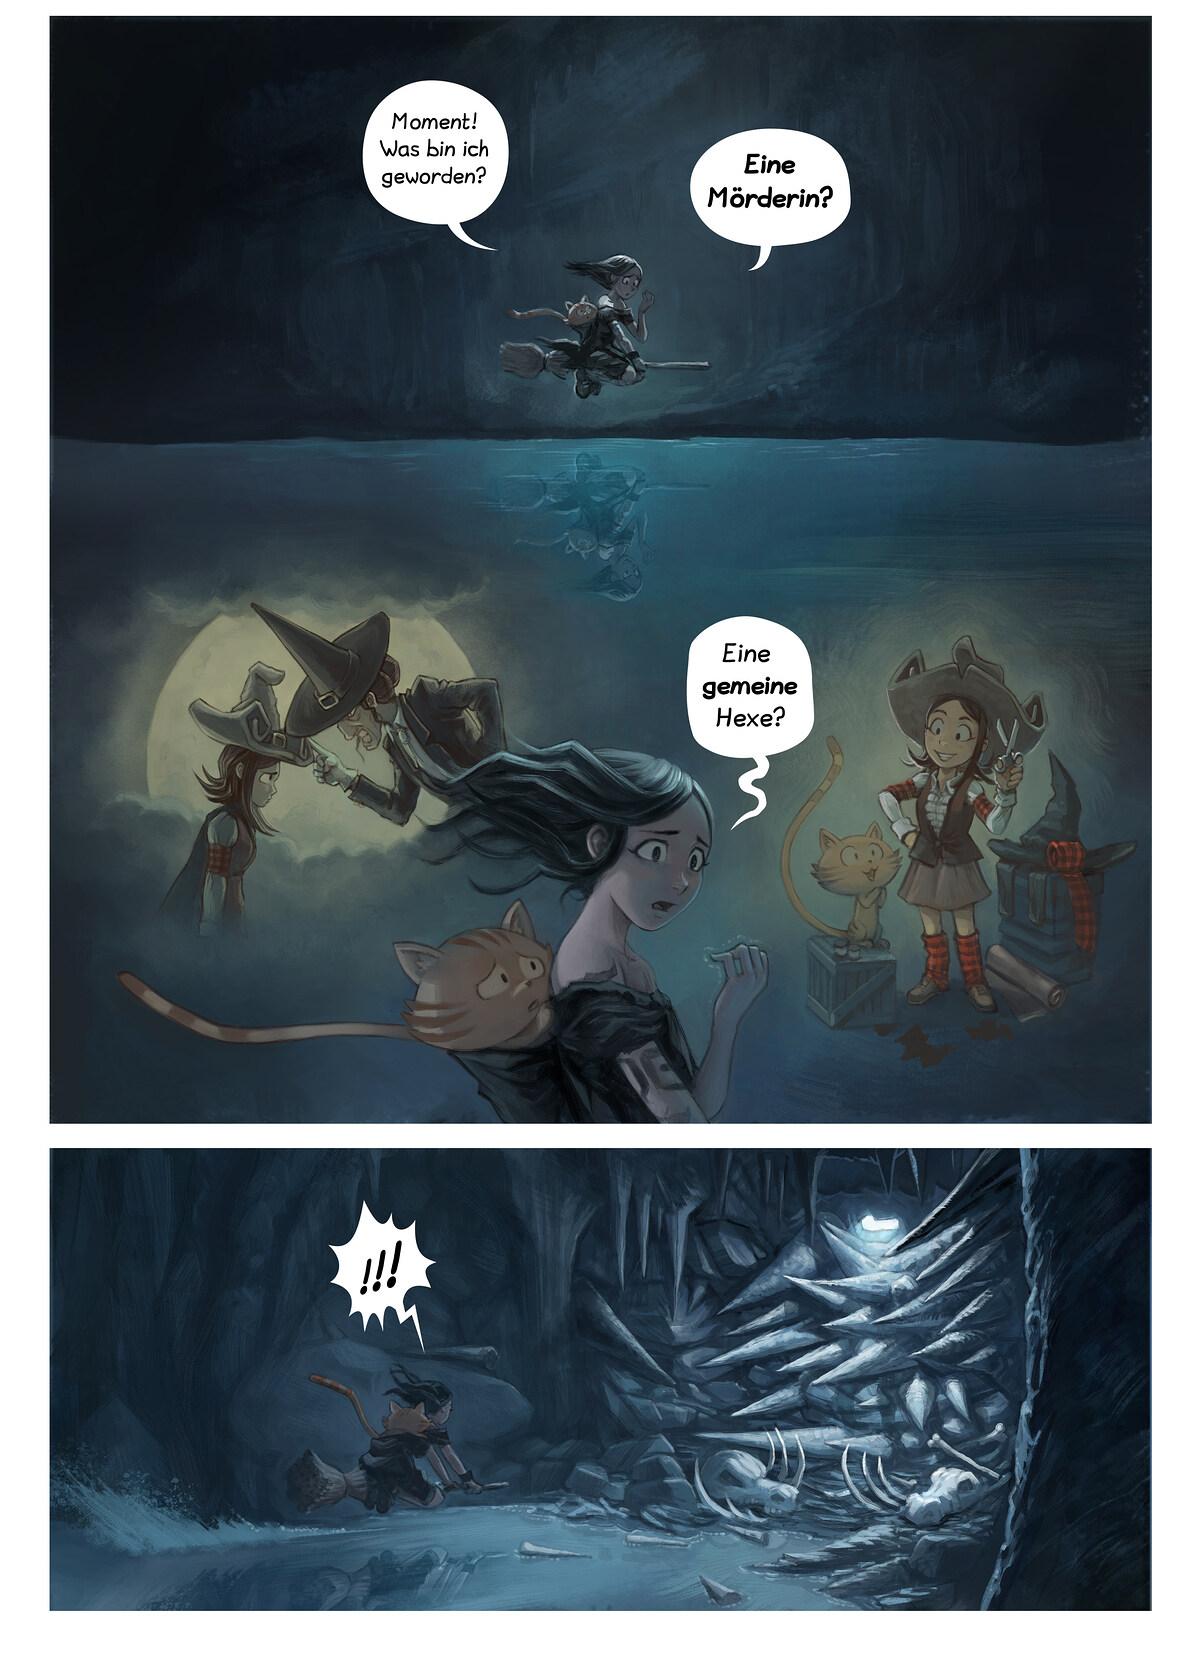 Episode 35: Das Spiegelbild, Page 8